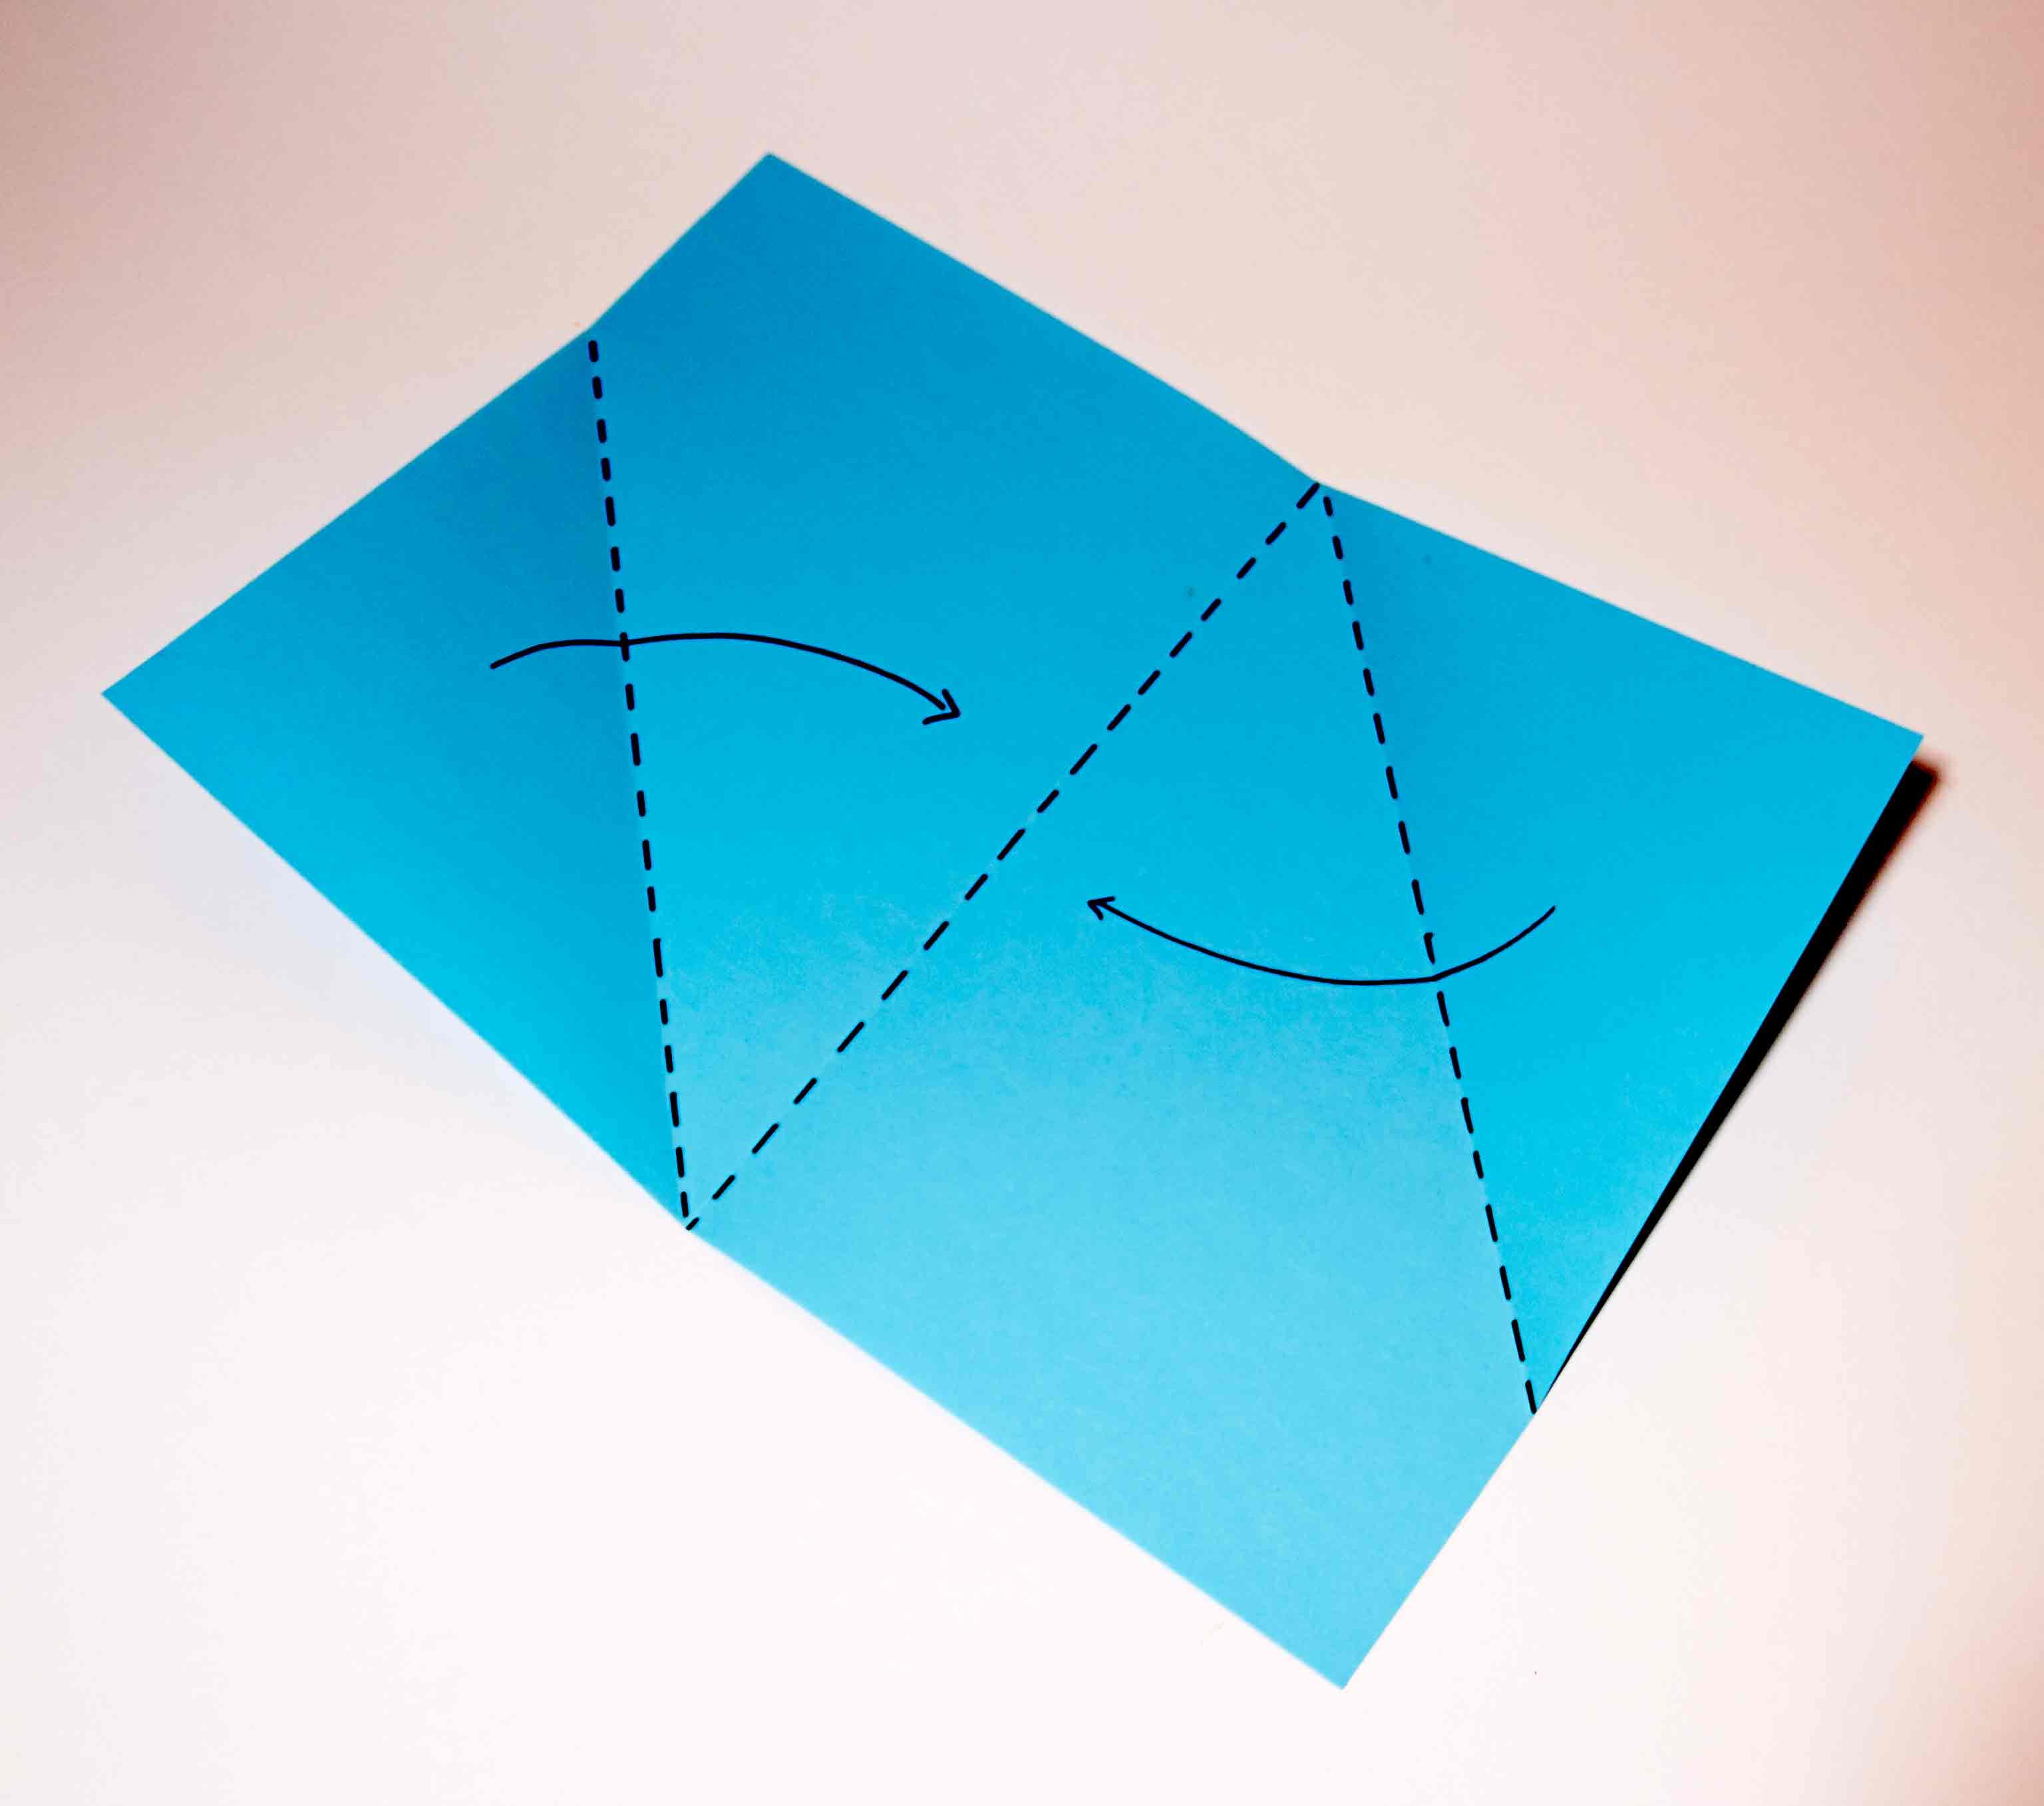 Briefe Falten Und Eintüten Maschine : Briefkunstwerke falten sie ihren eigenen briefumschlag